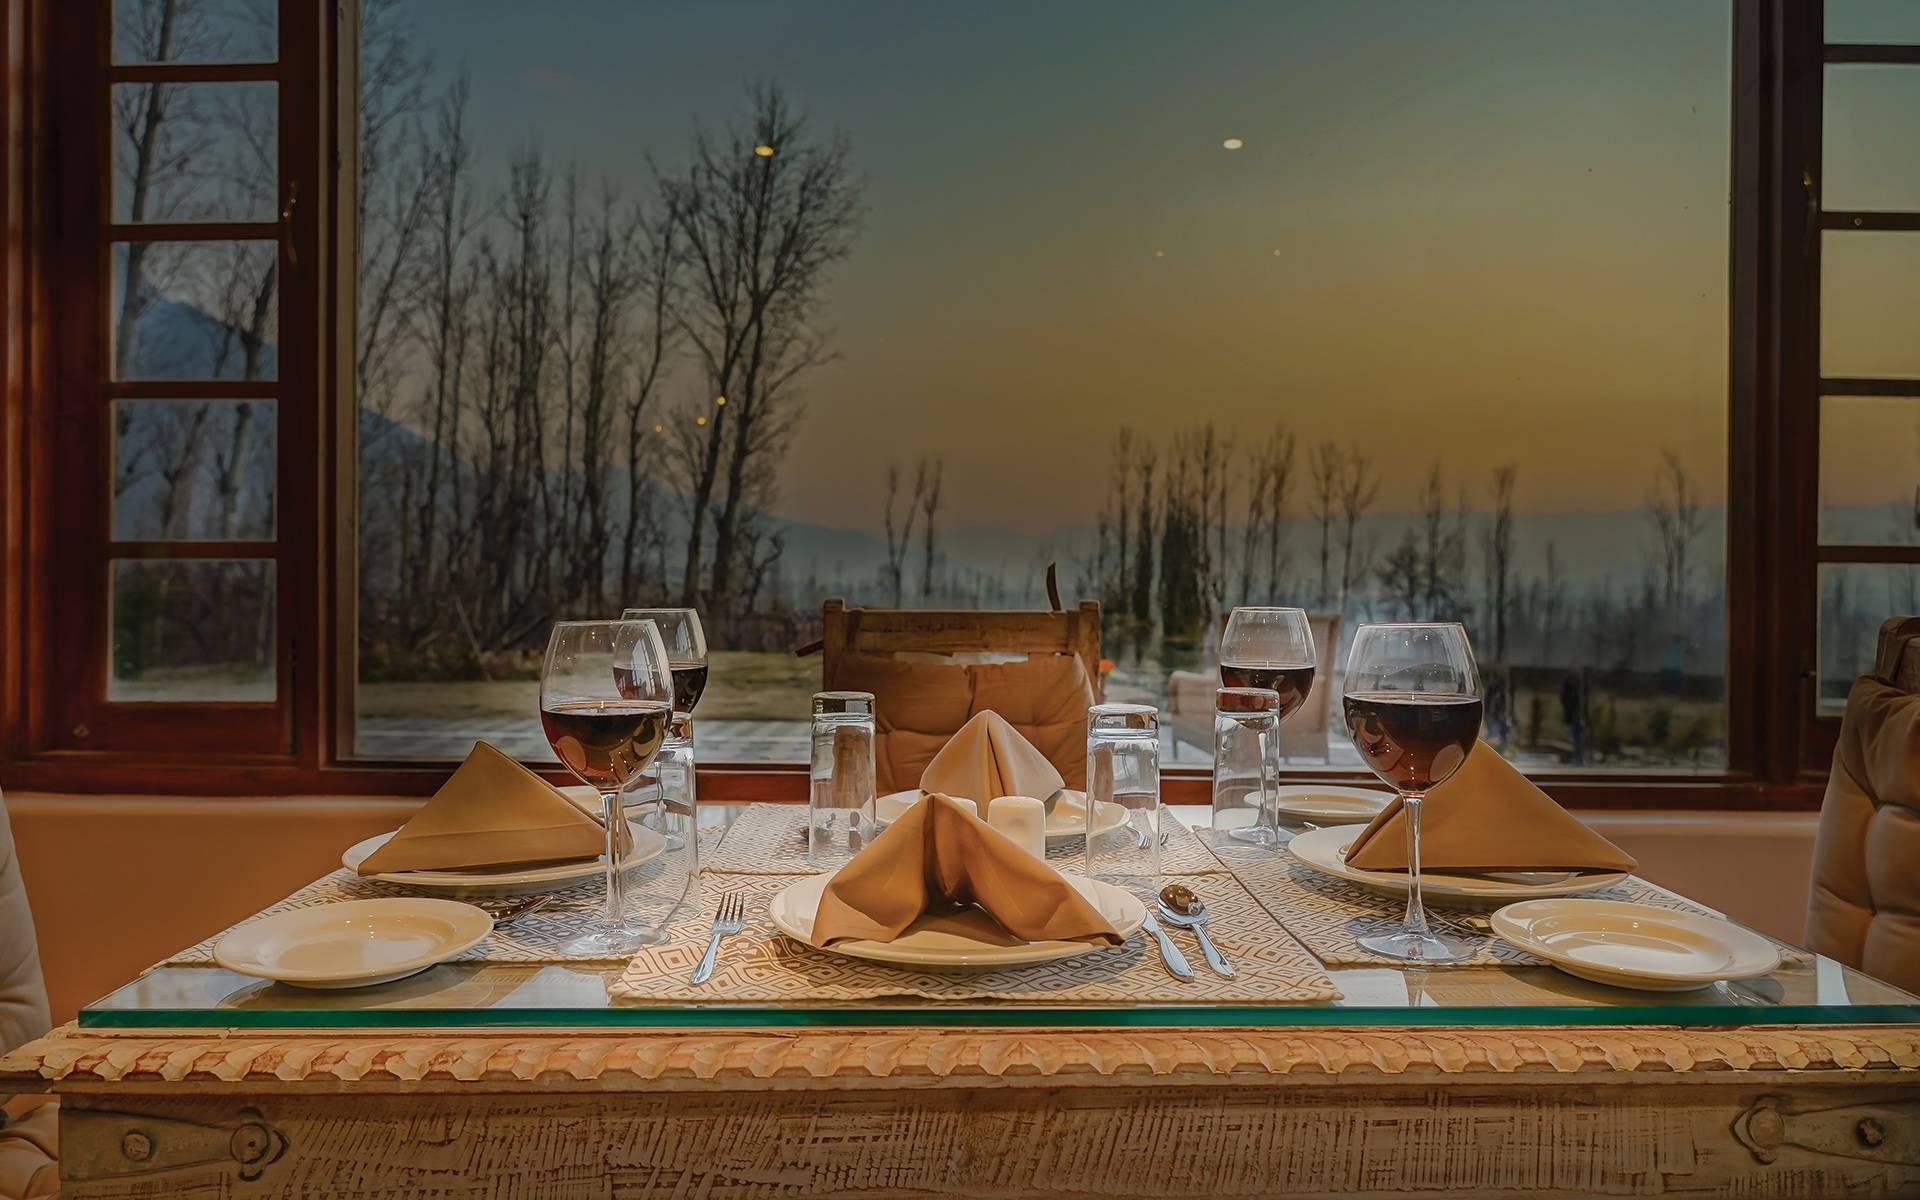 RahBagh, Srinagar restaurant-meal setting